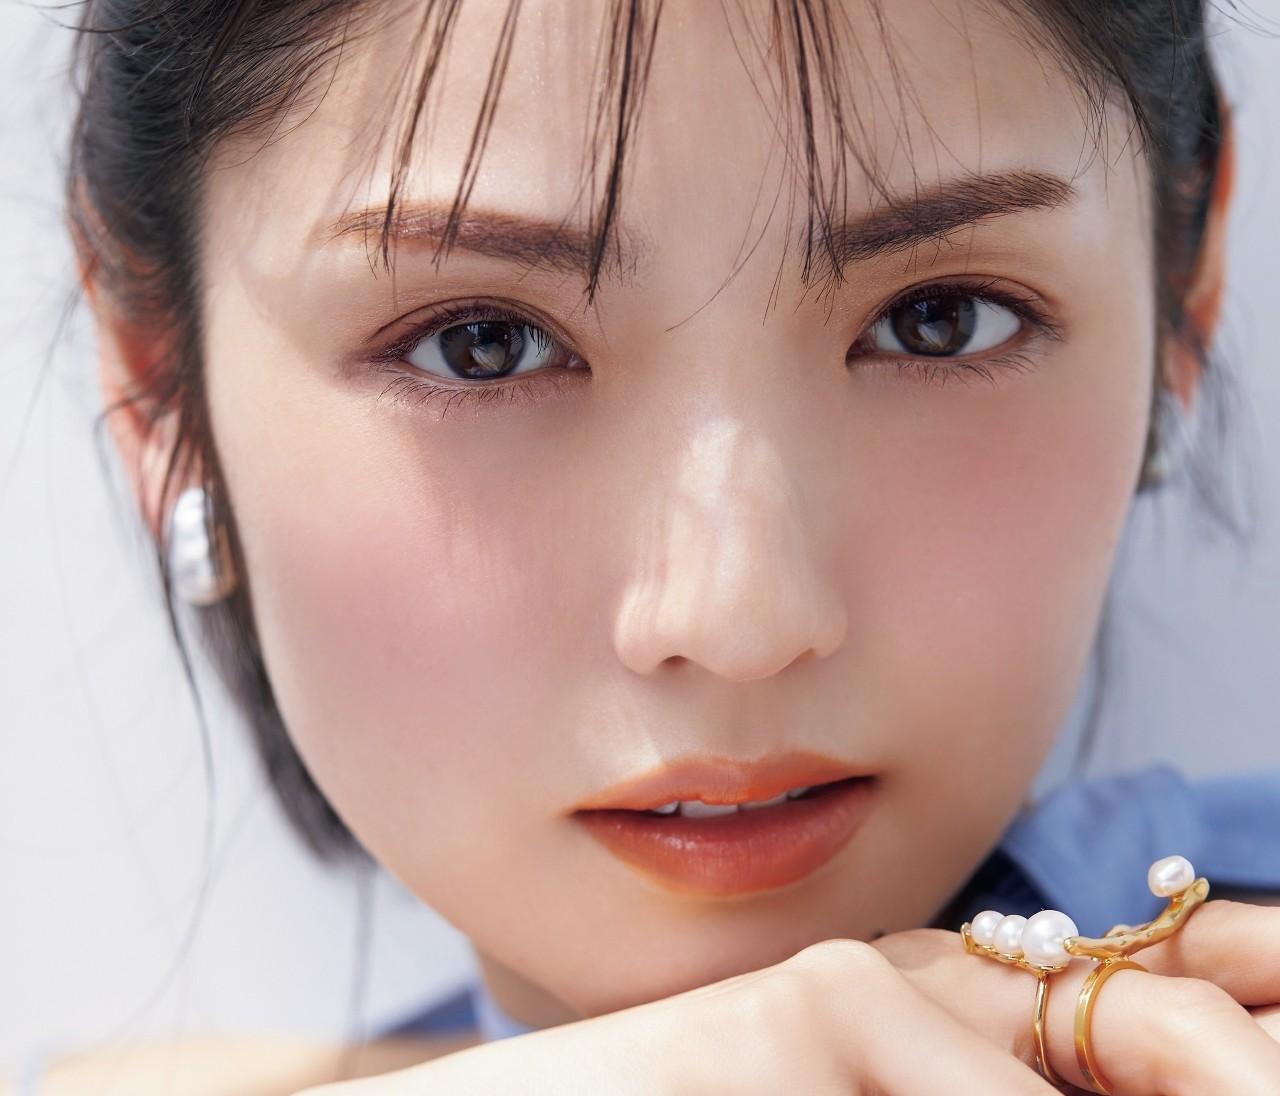 【道重さゆみさん31歳、キレイの秘密】美肌を支える愛用スキンケア製品を一挙公開!